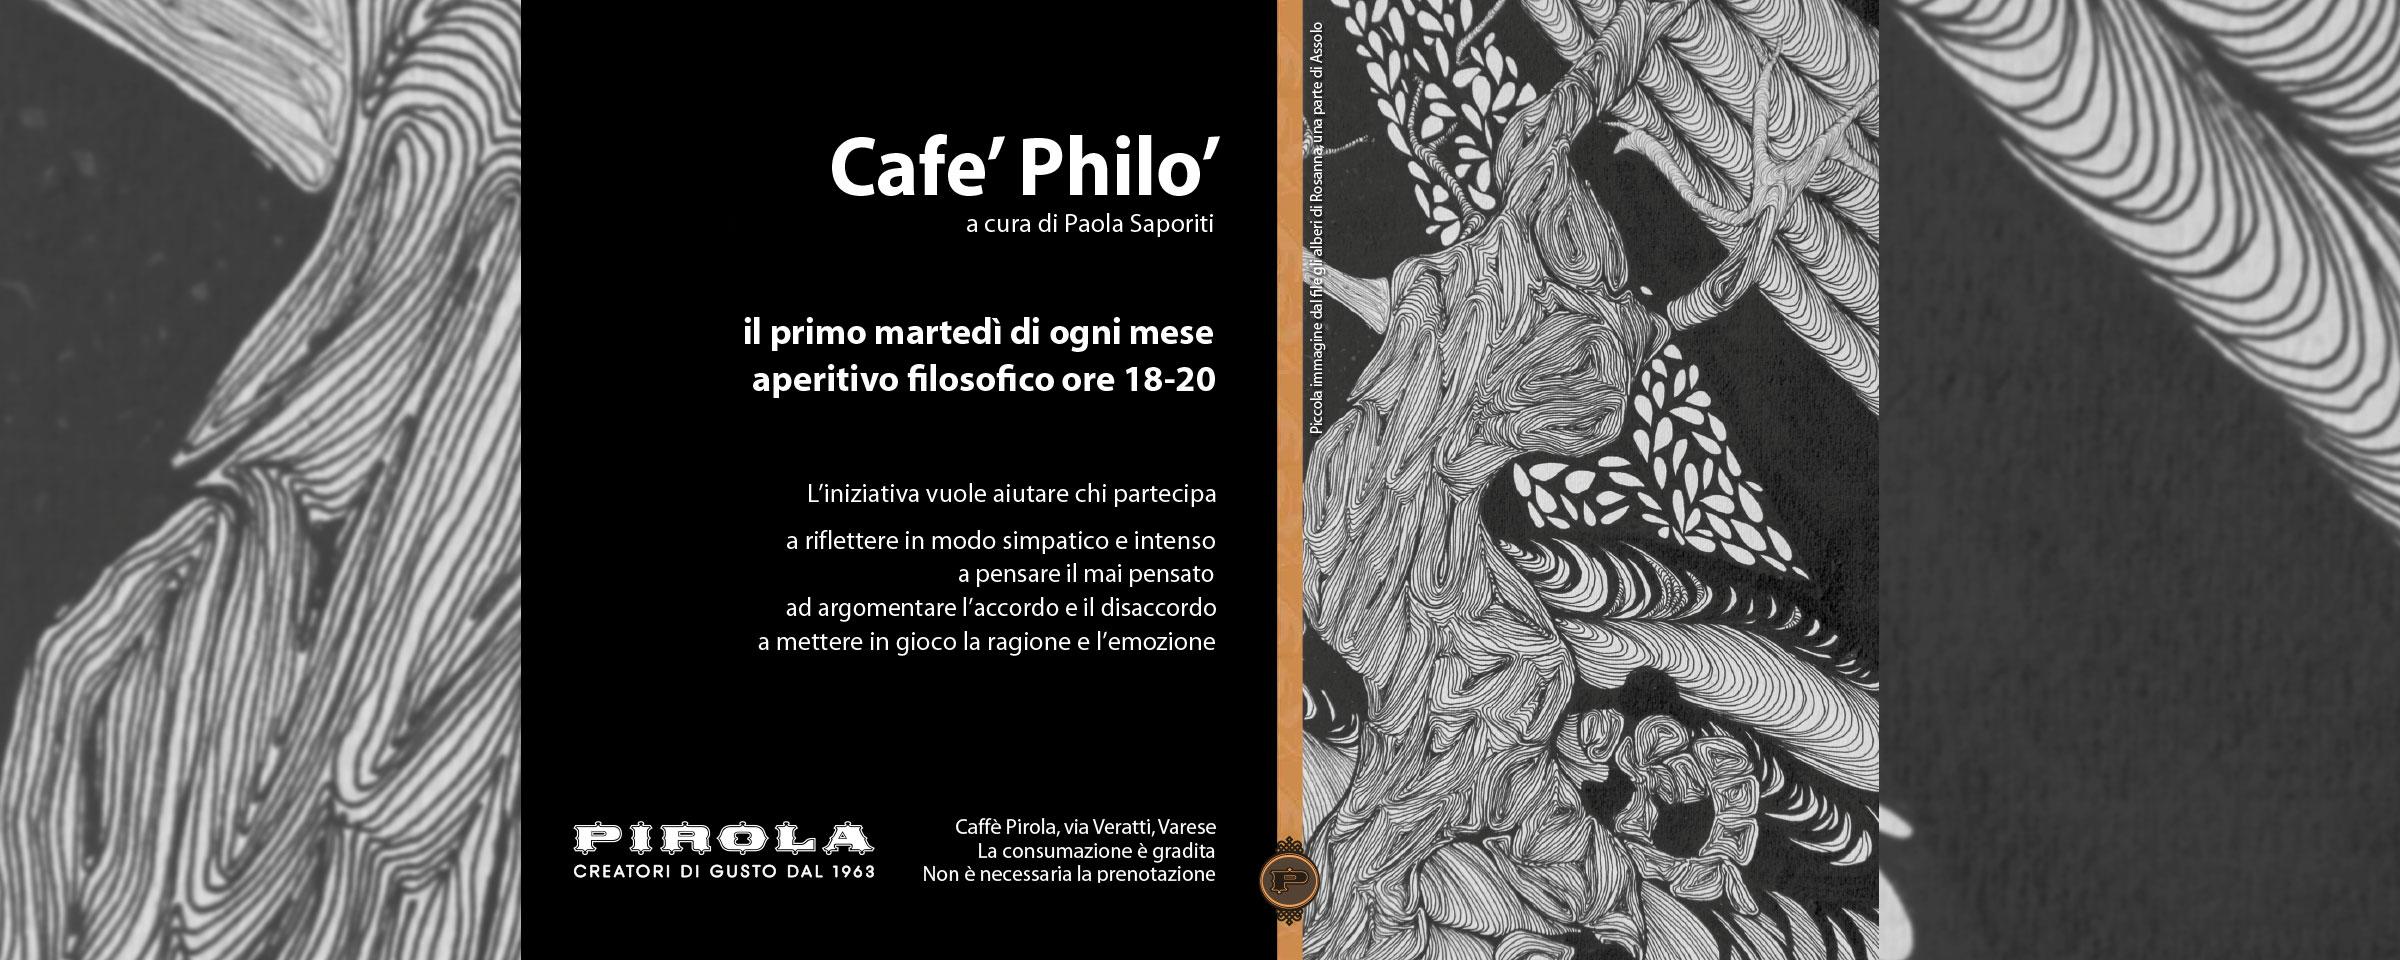 cafe-philo-pirola